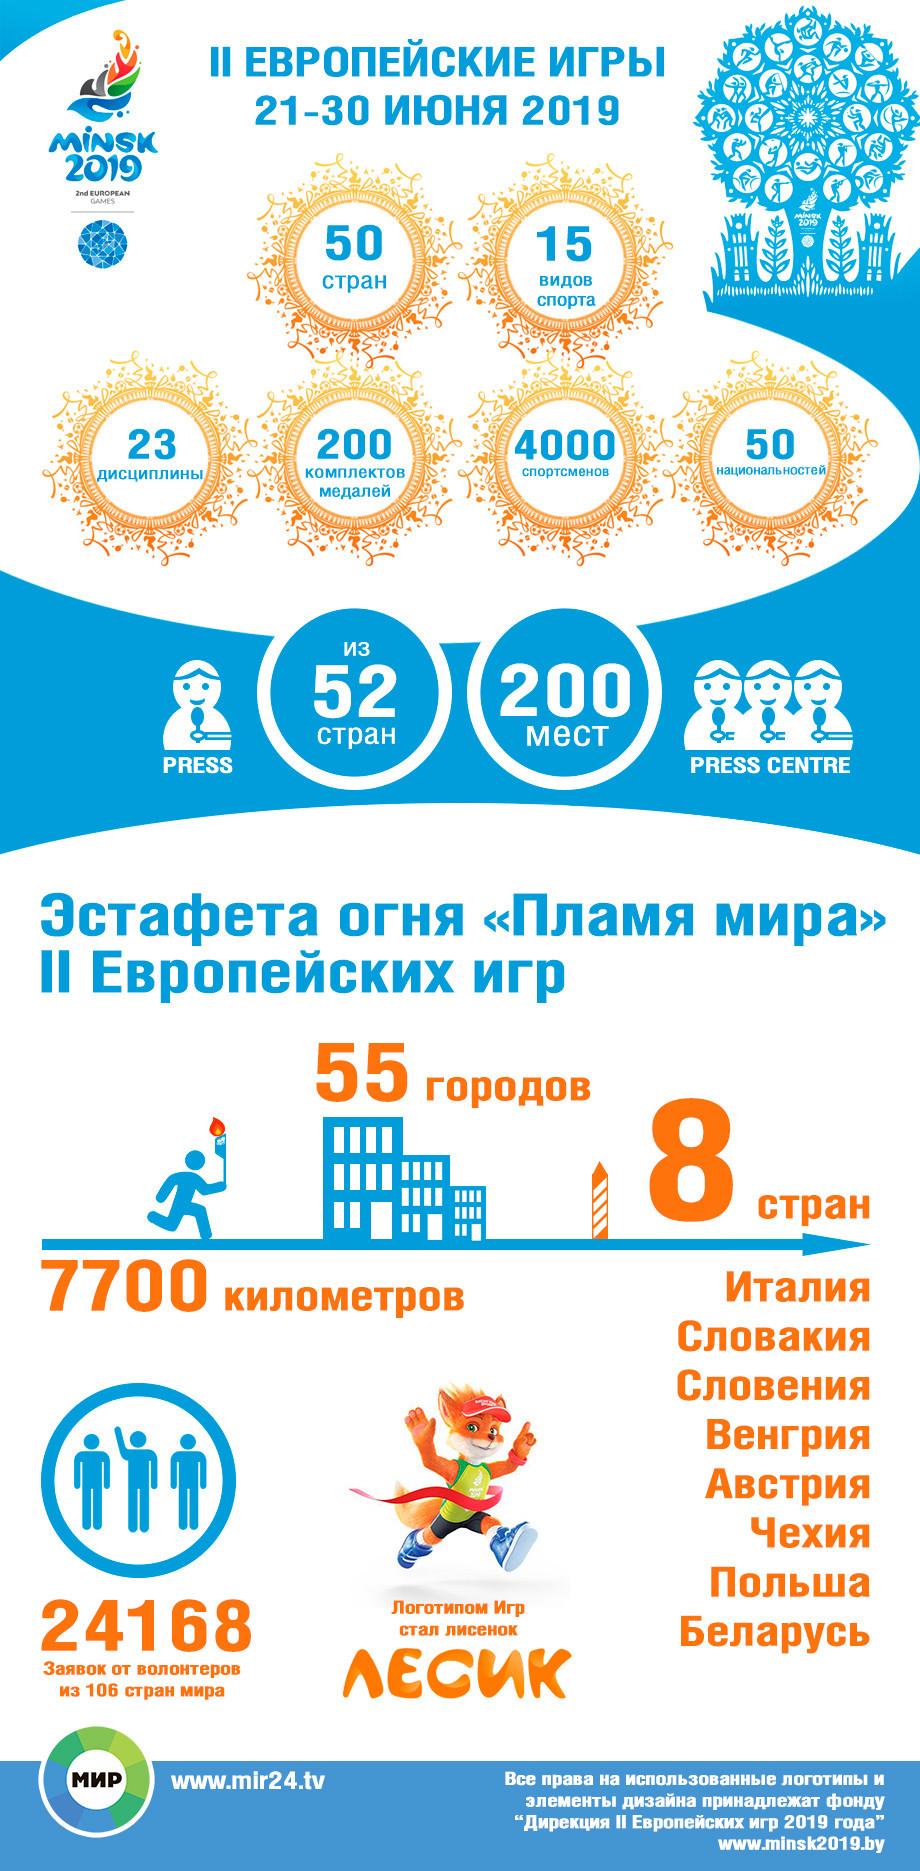 В Минске стартуют II Европейские игры. ИНФОГРАФИКА